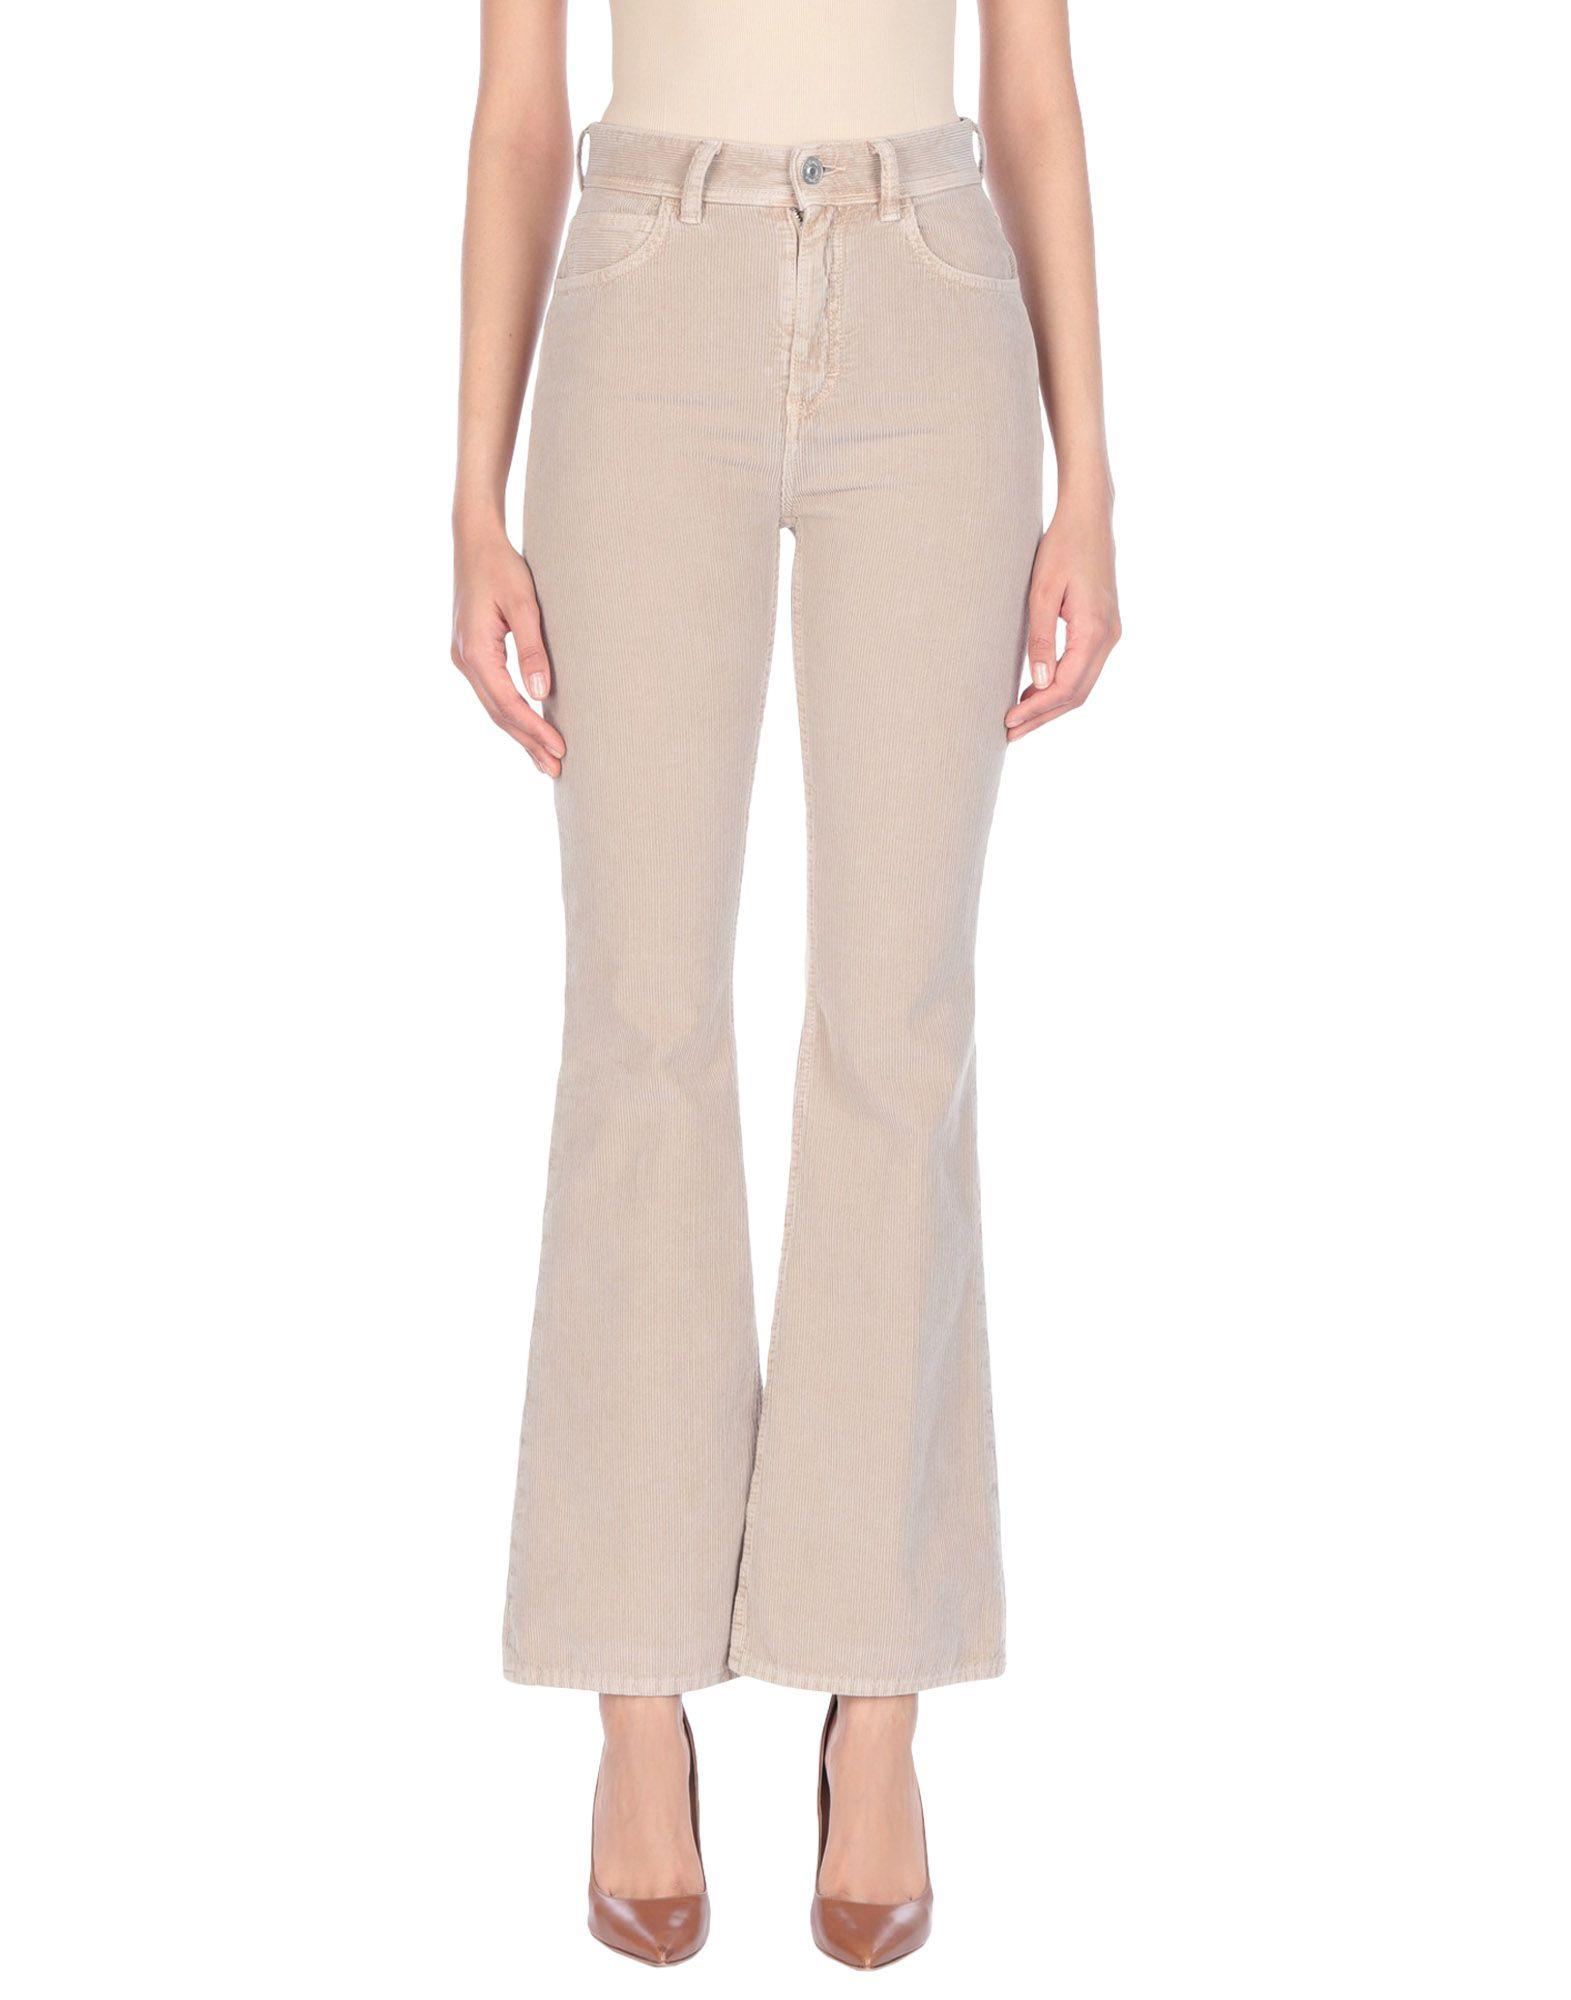 Pantalone Haikure donna donna - 13322167RG